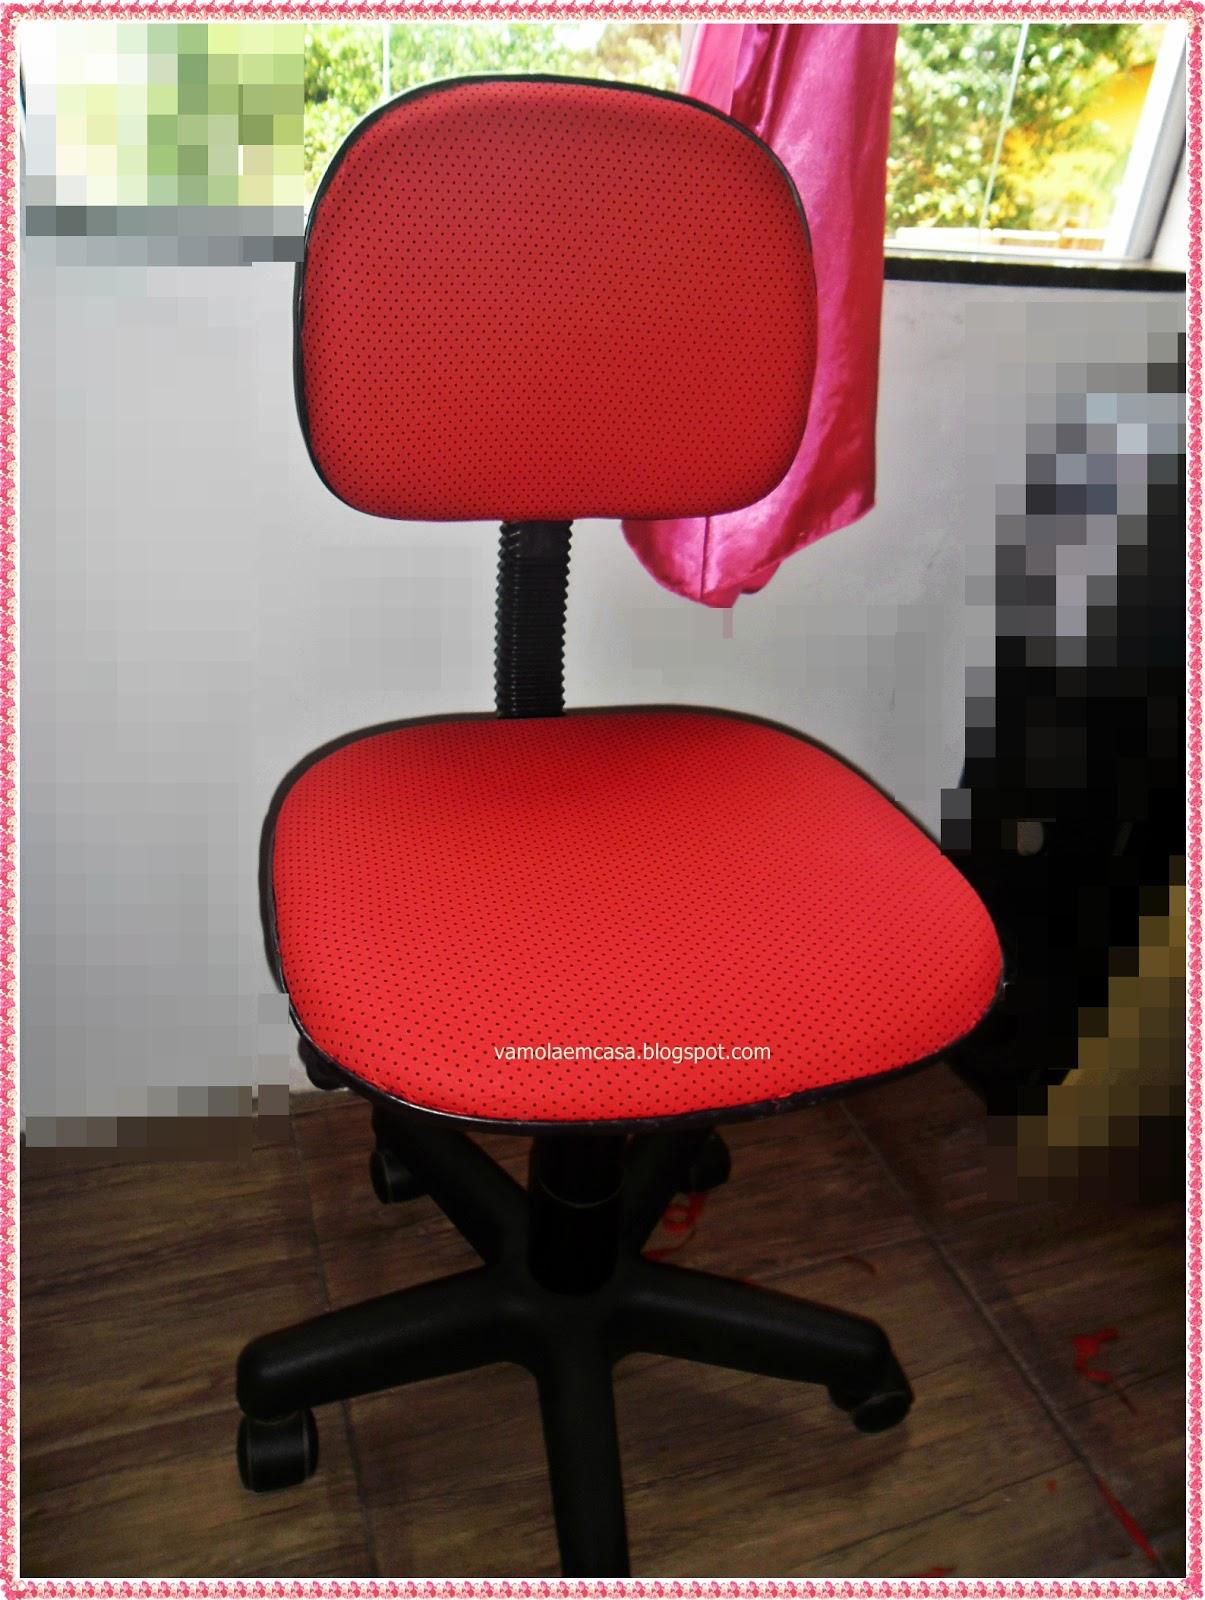 Vâmo Lá em Casa: Reformando a Cadeira do Computador com Tecido #AA2124 1205x1600